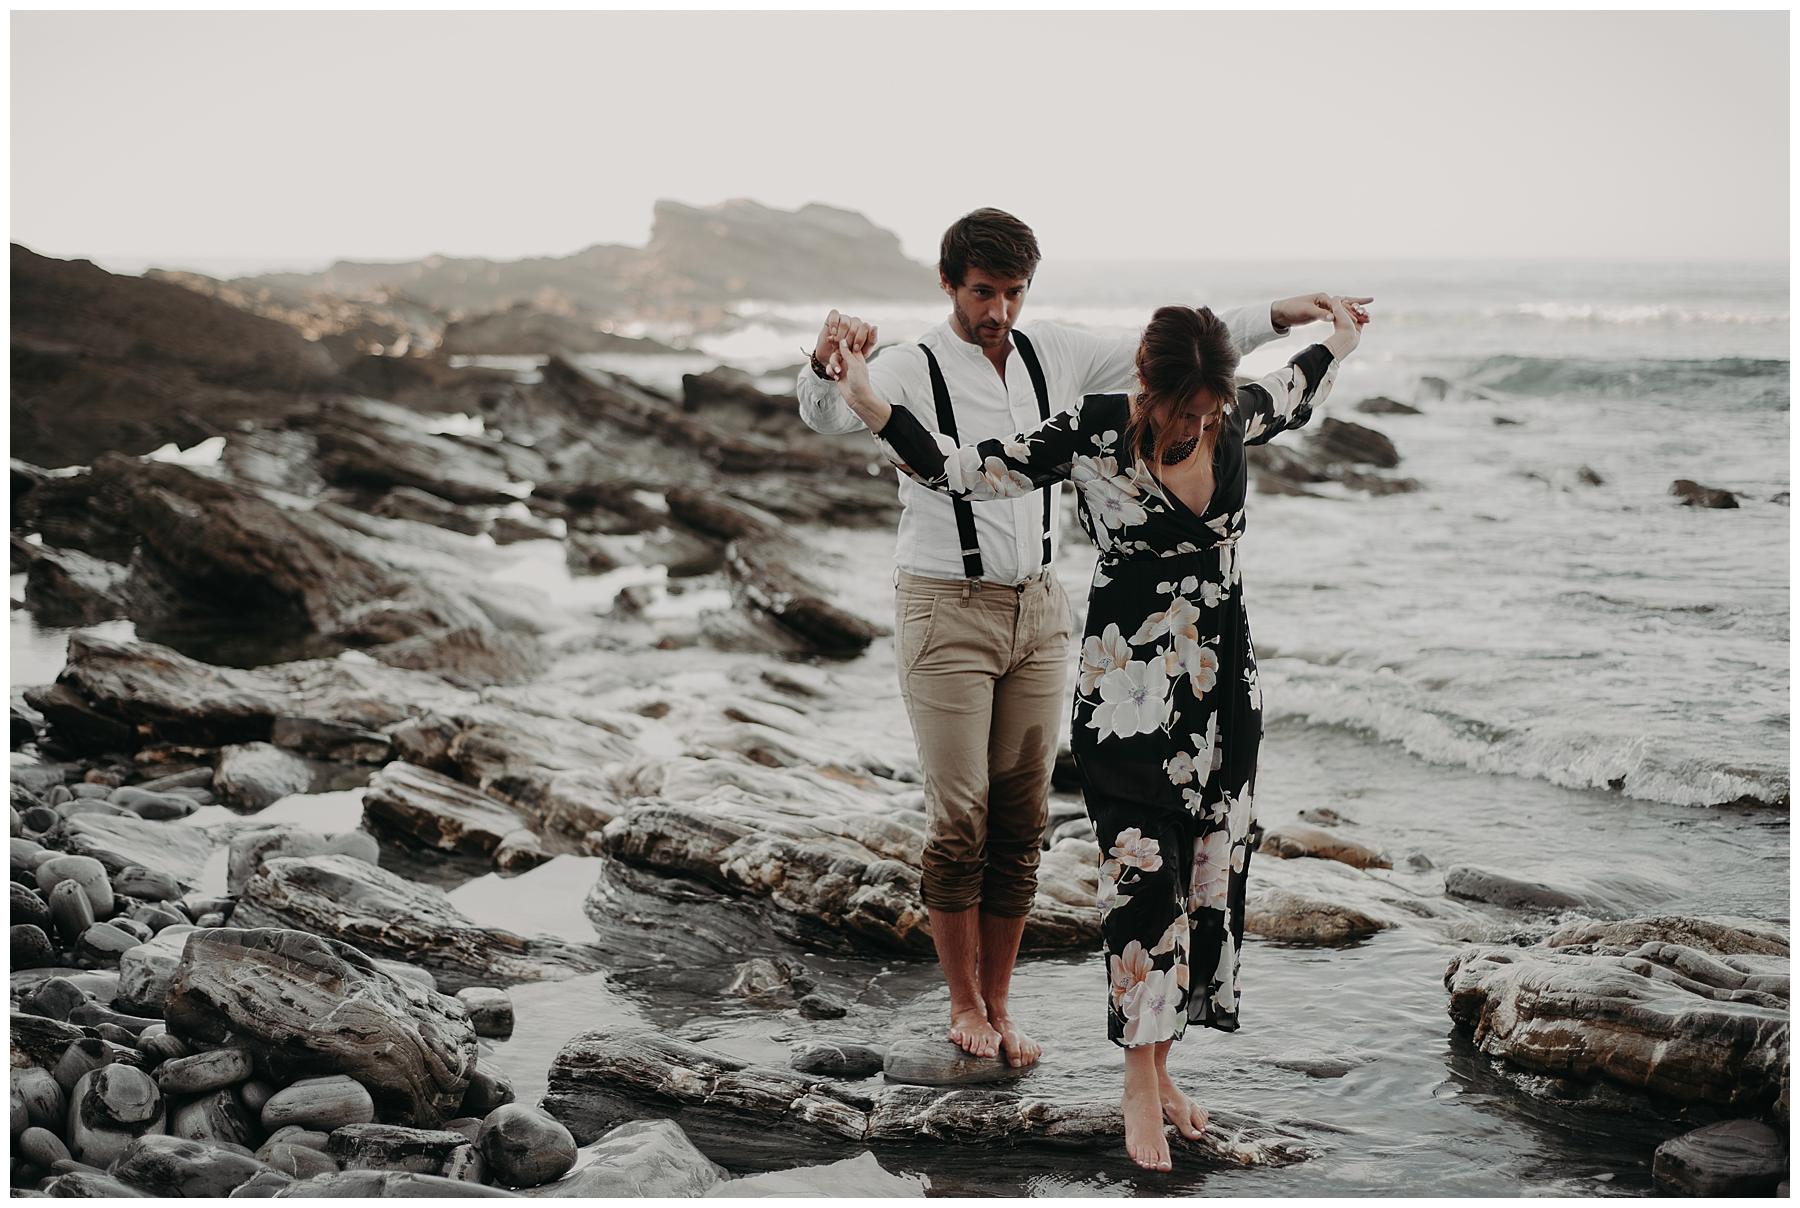 séance couple photo, photographe bordeaux